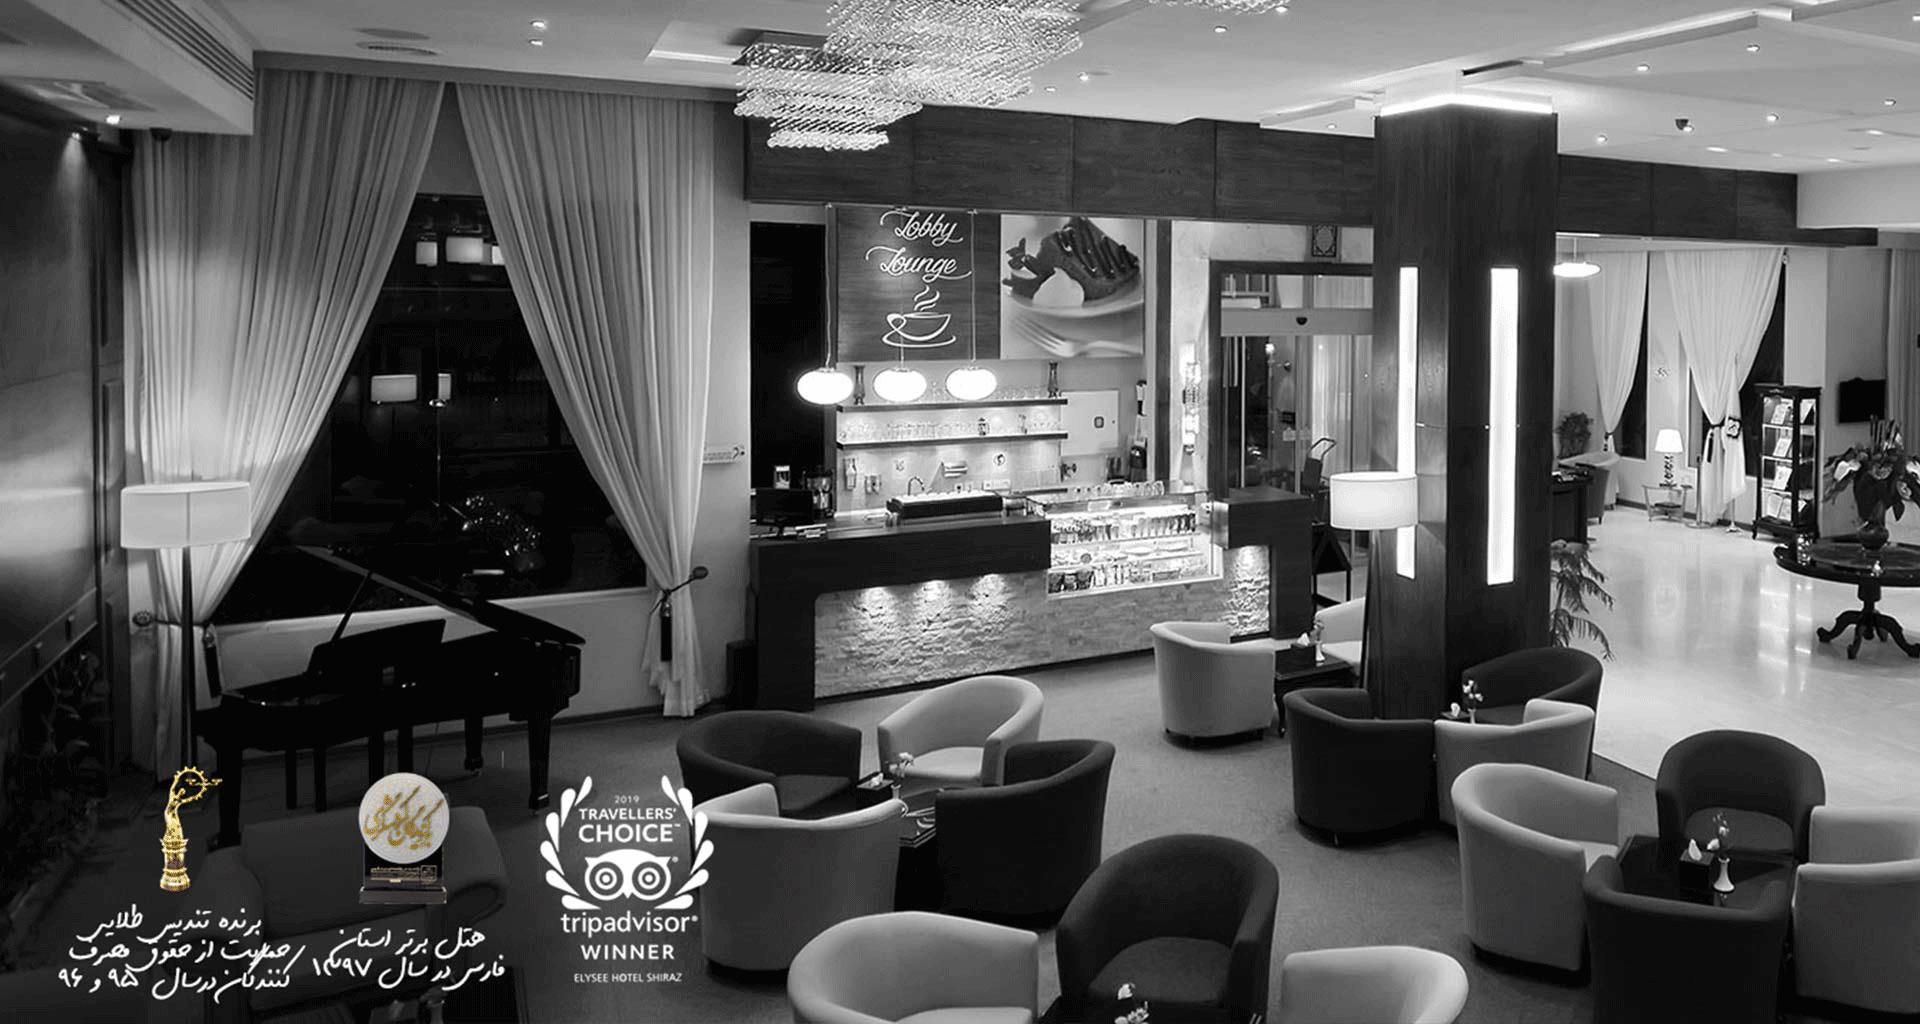 هتل الیزه منتخب برترین و بهترین هتل فارس